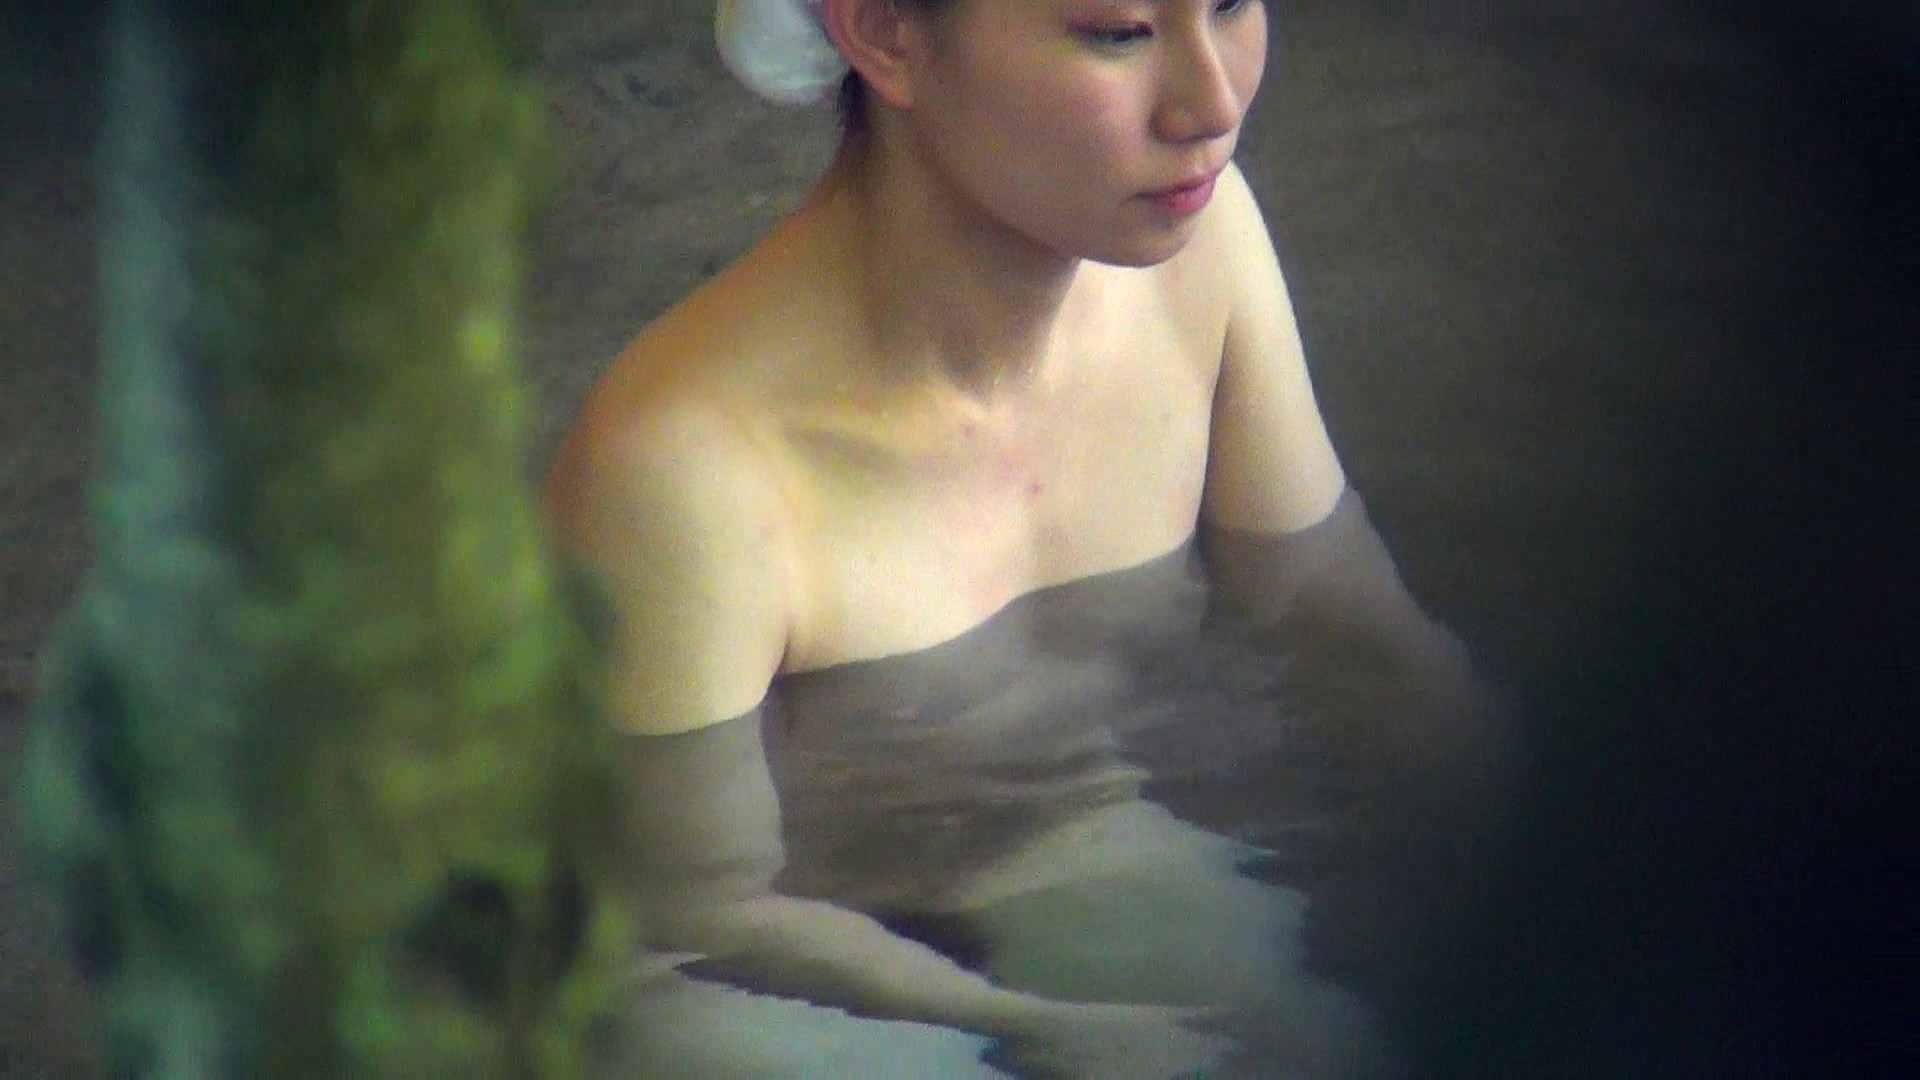 Vol.43 ヘアキャップをしても美しい中性的美女simai 美乳 おめこ無修正画像 110画像 60